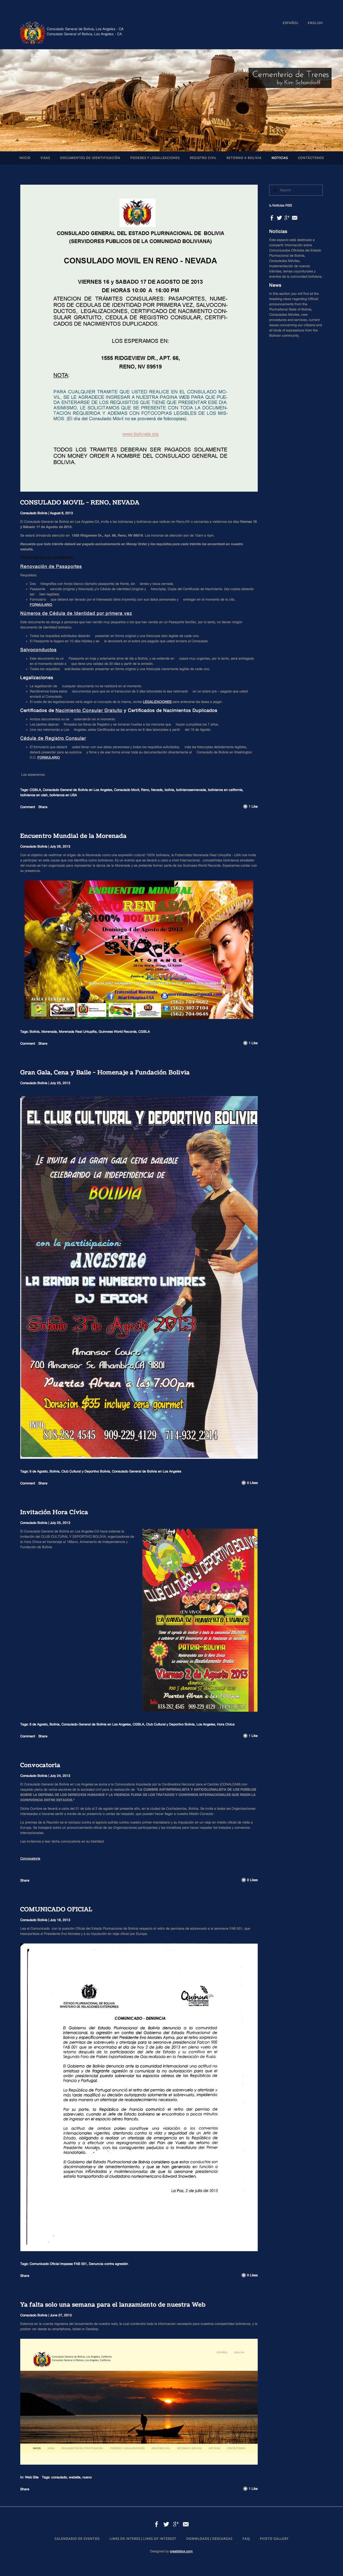 Noticias-—-Consulado-de-Bolivia-en-Los-Angeles.jpg